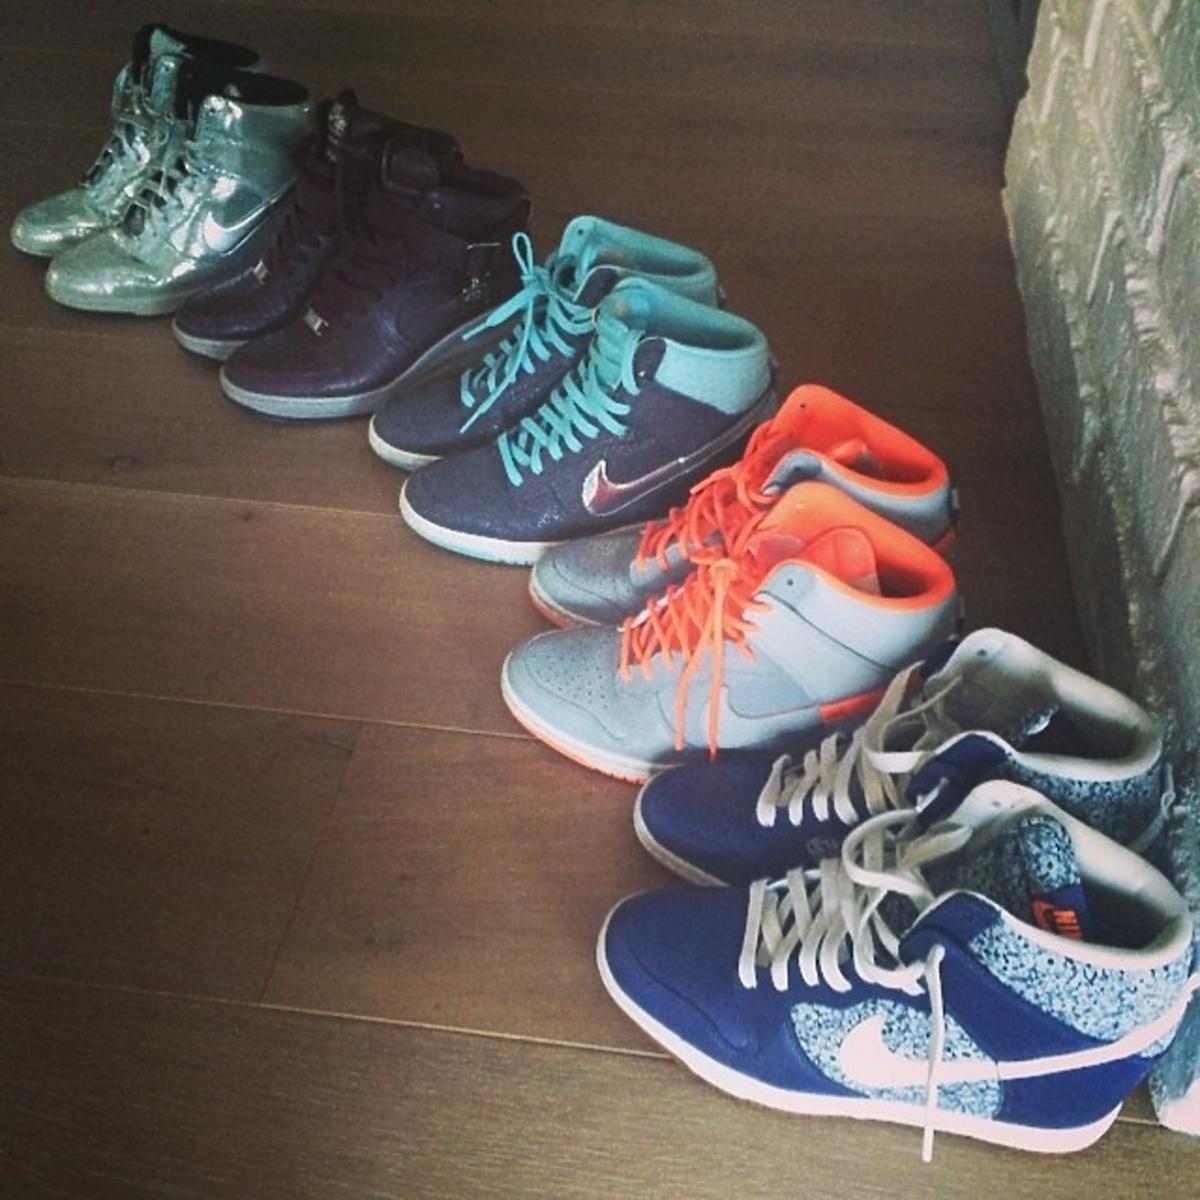 Kolekcja butów Anny Lewandowskiej